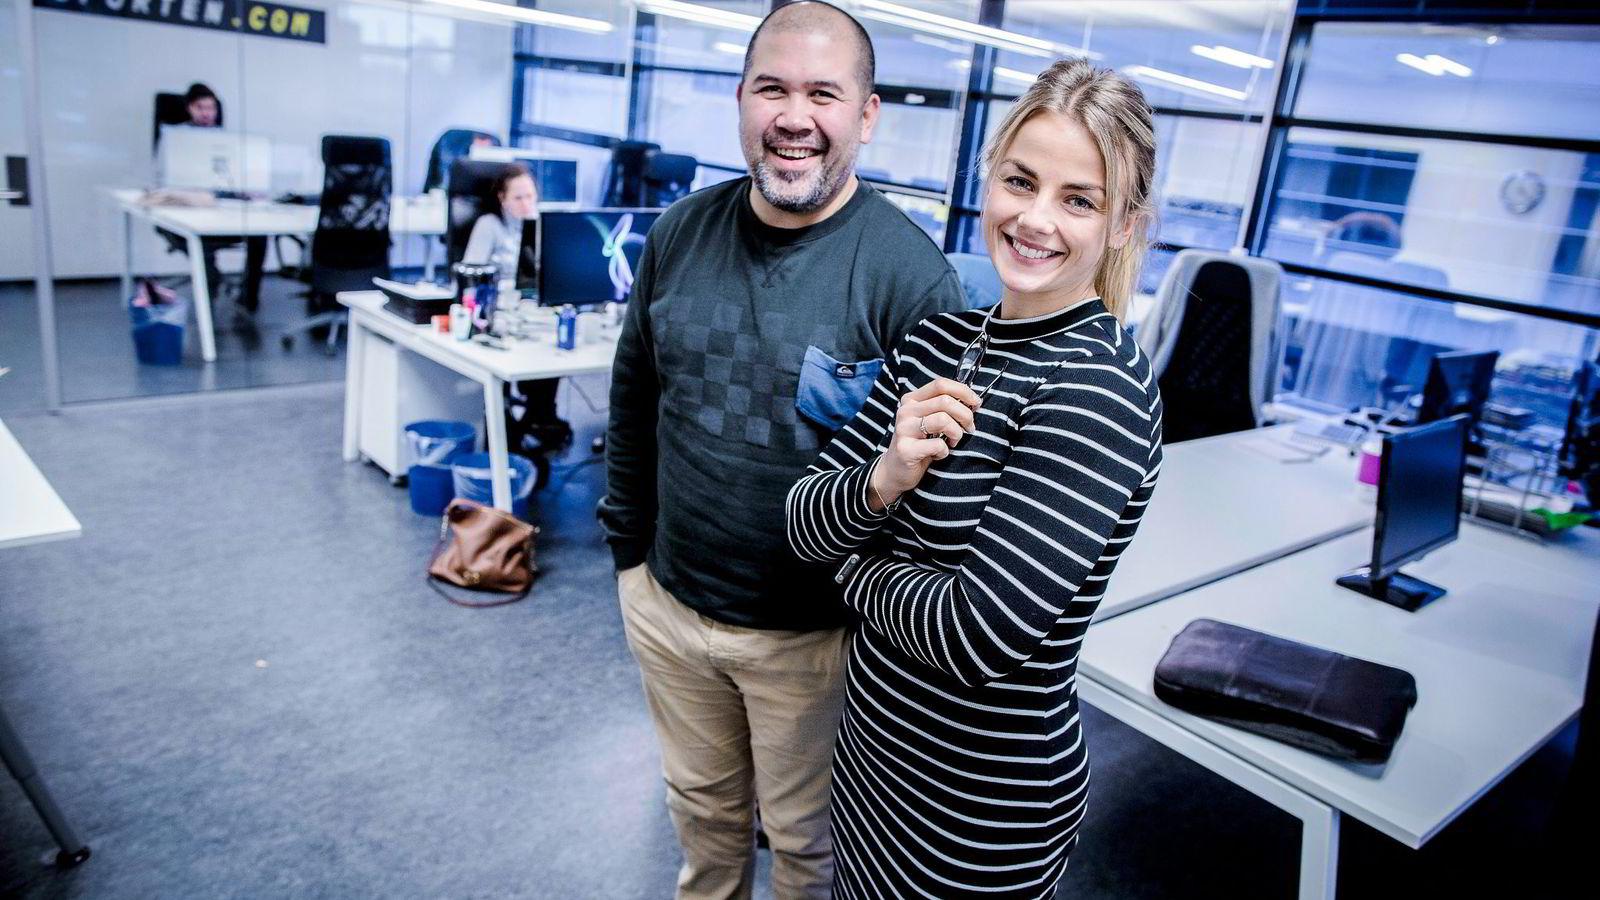 David Garcia (41) styrer det kommersielle og Pia Seeberg (26) skal ha hånd om innholdet i Playblogg. – Målet nå er å nå ut til mennesker som per i dag ikke leser blogger, sier Seeberg.